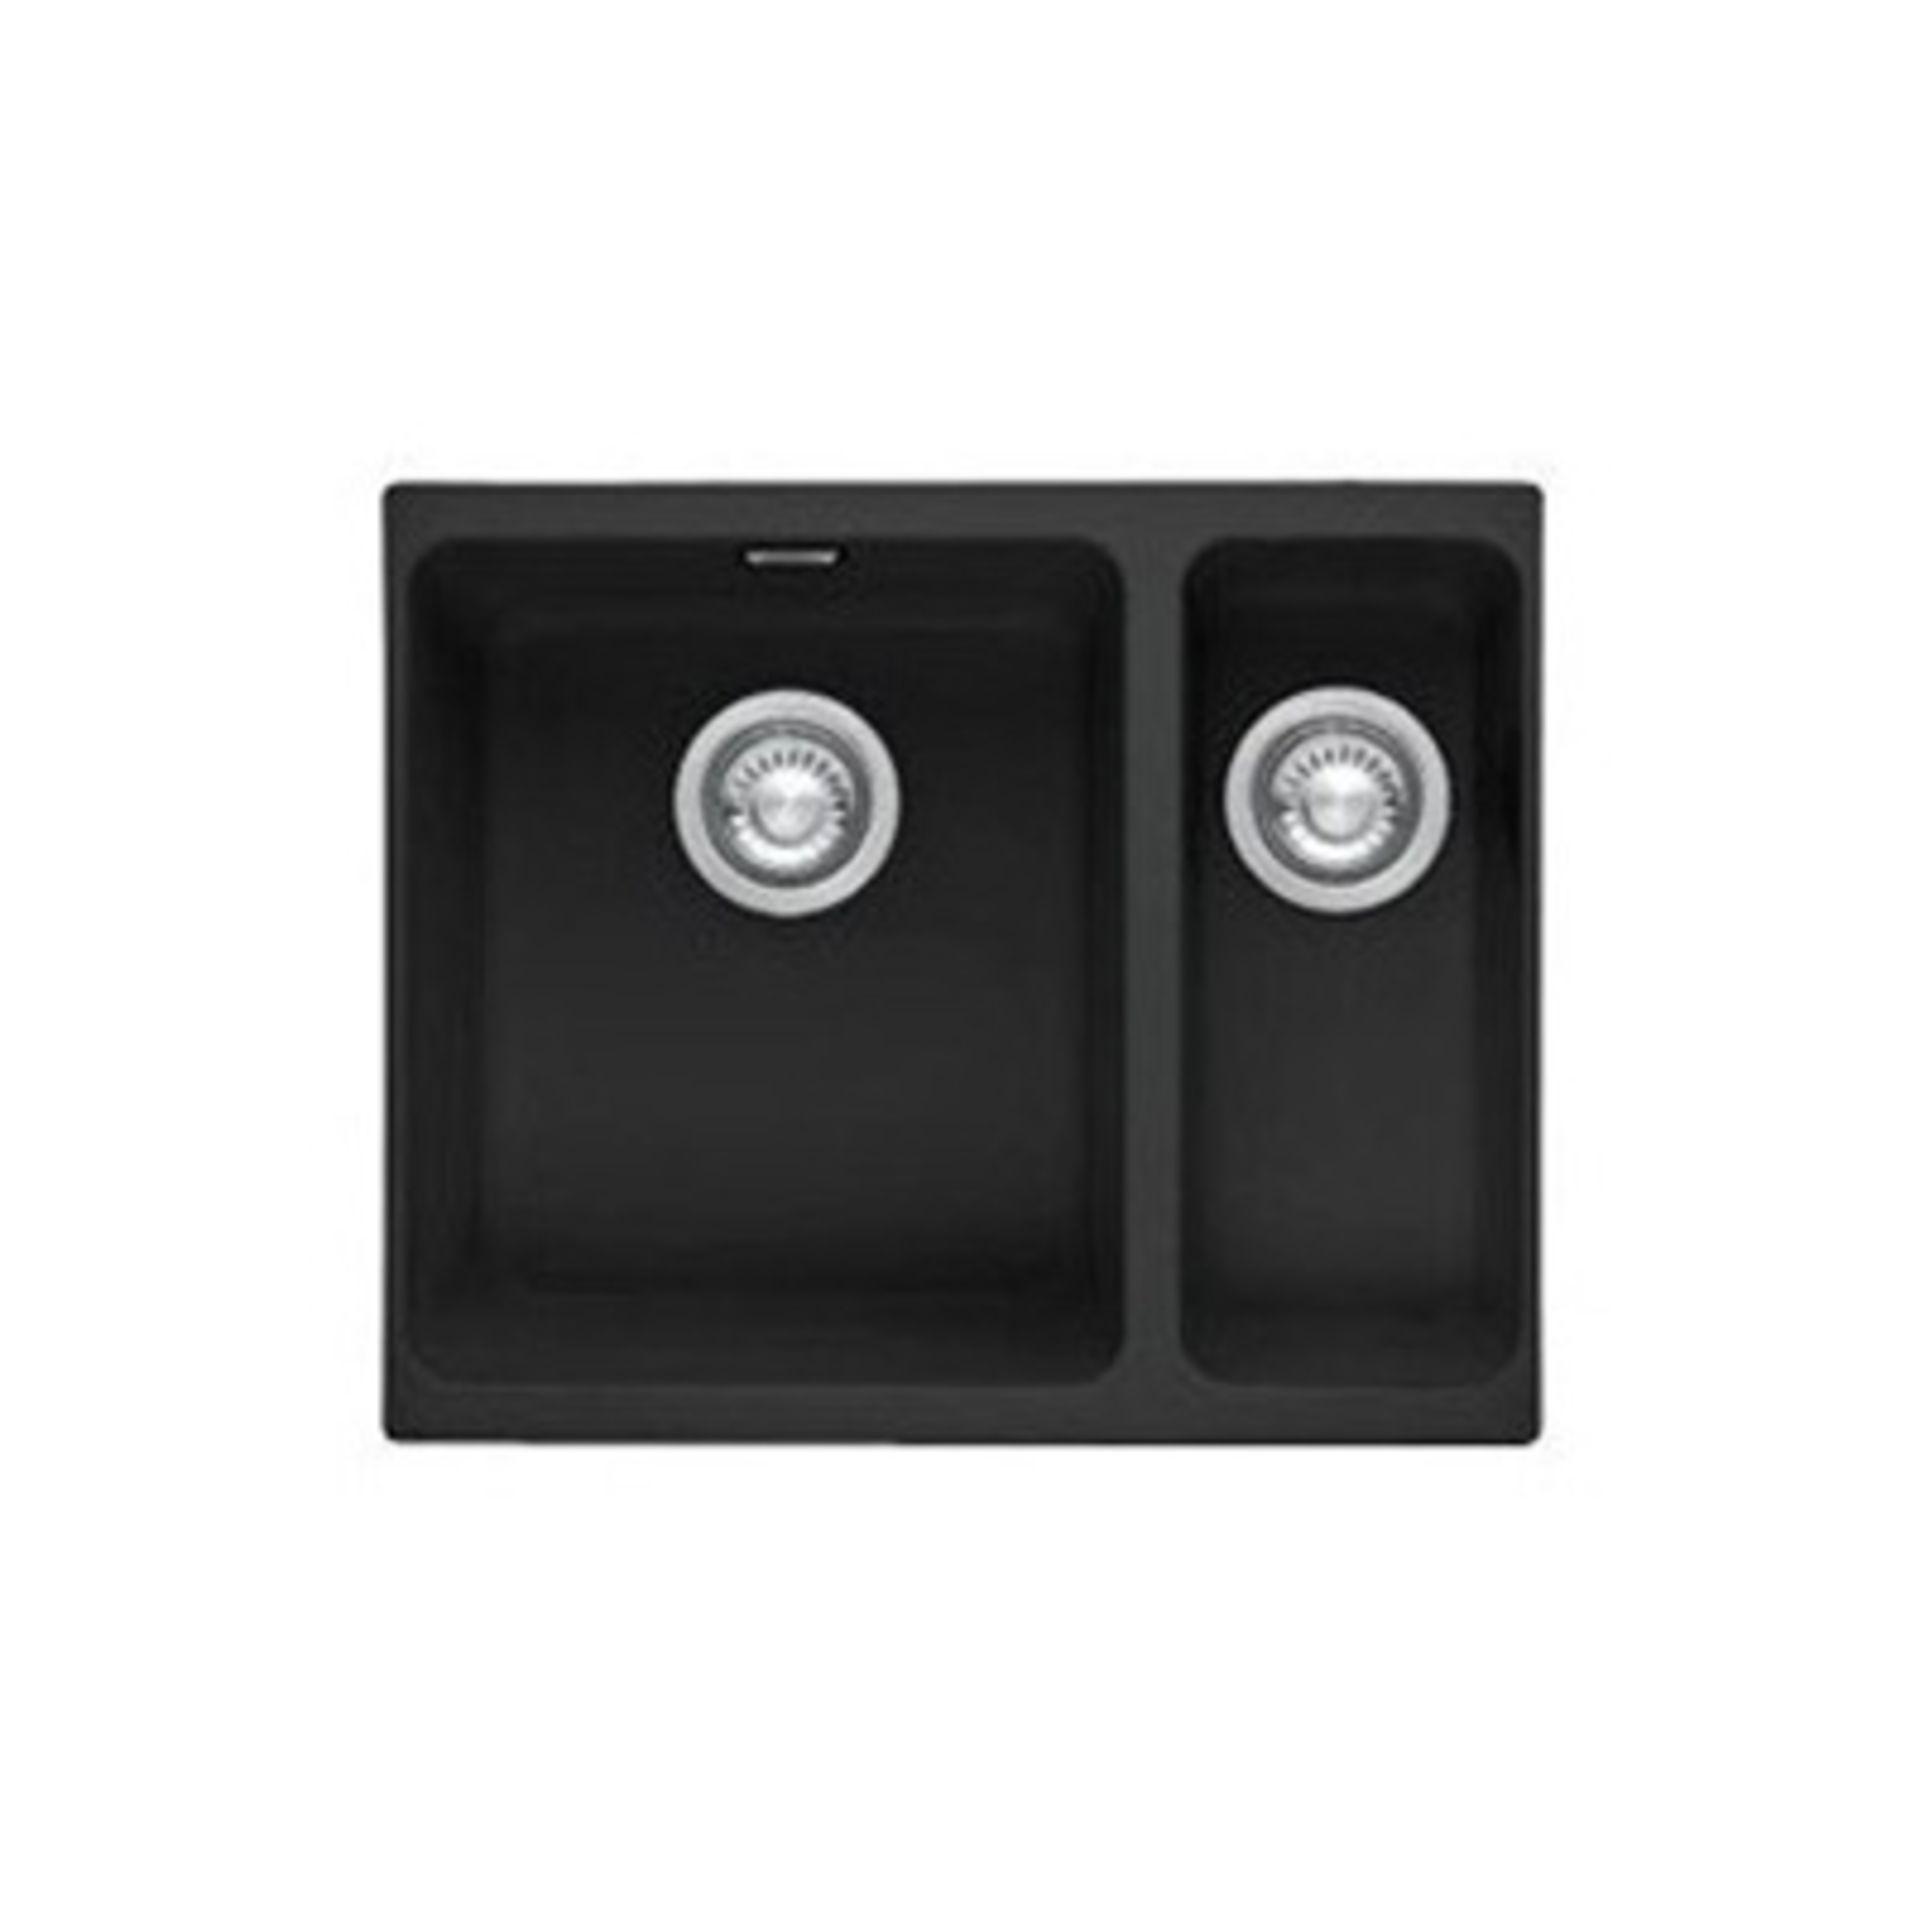 NEW (REF9) 1 x Franke Kubus 1.5 Bowl Fragranite Undermount Kitchen Sink KBG 160 - Onyx - 125.0153.